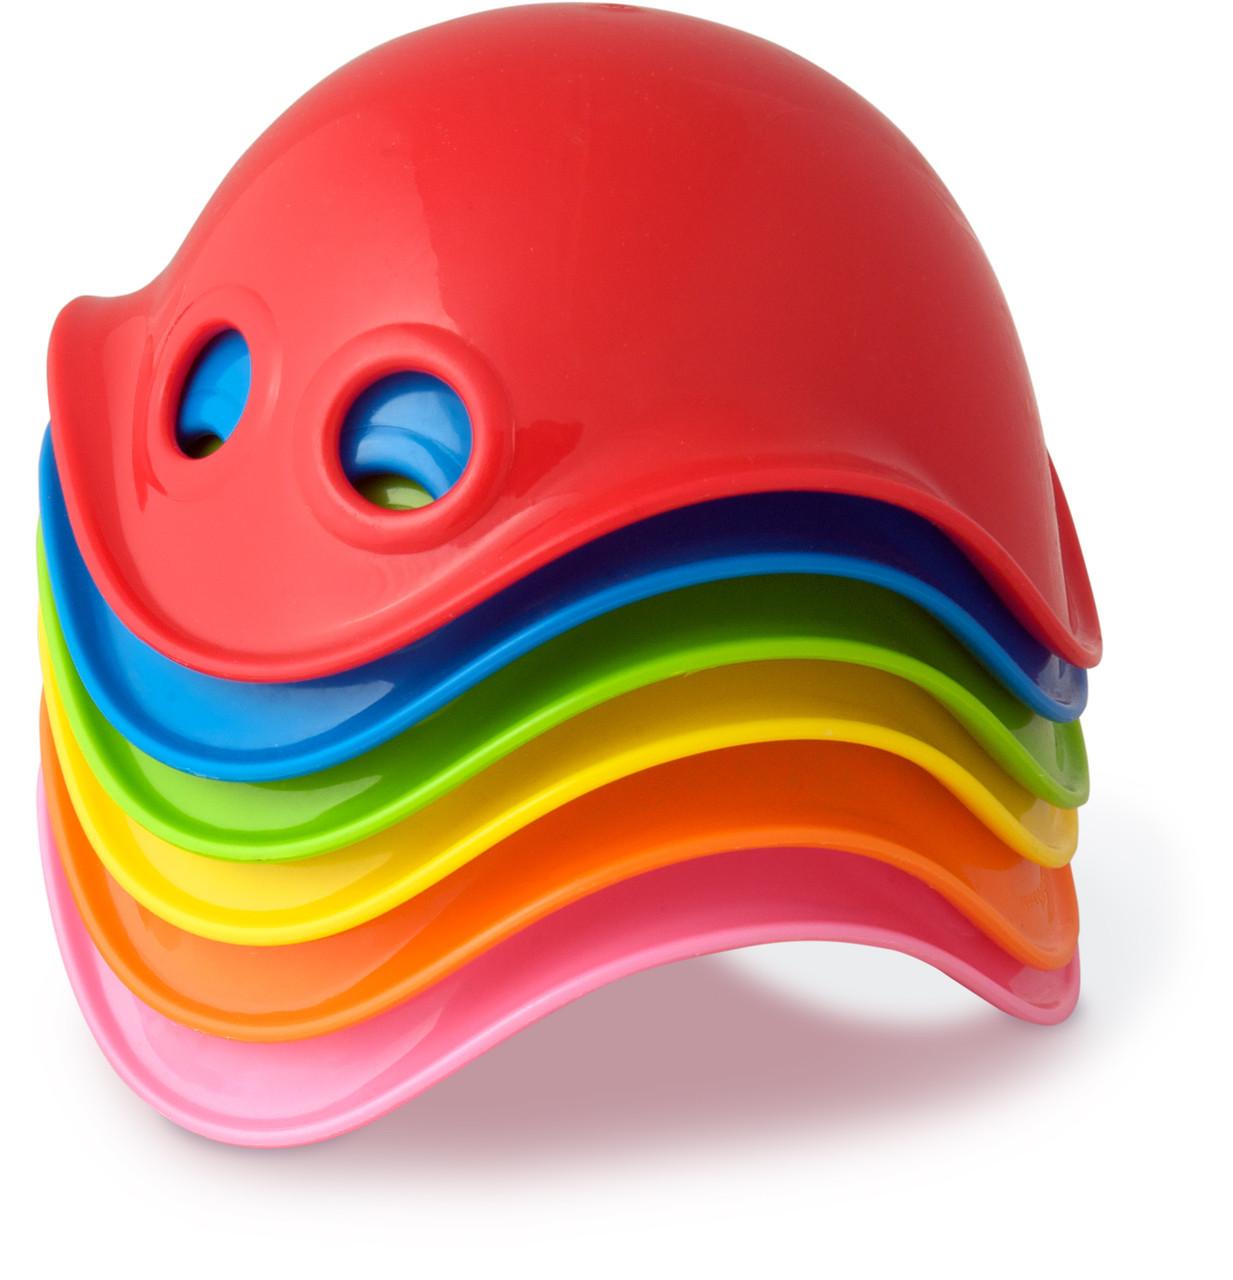 Игрушка Билибо Мини 0+ (6 разноцветных мини Билиба) MOLUK